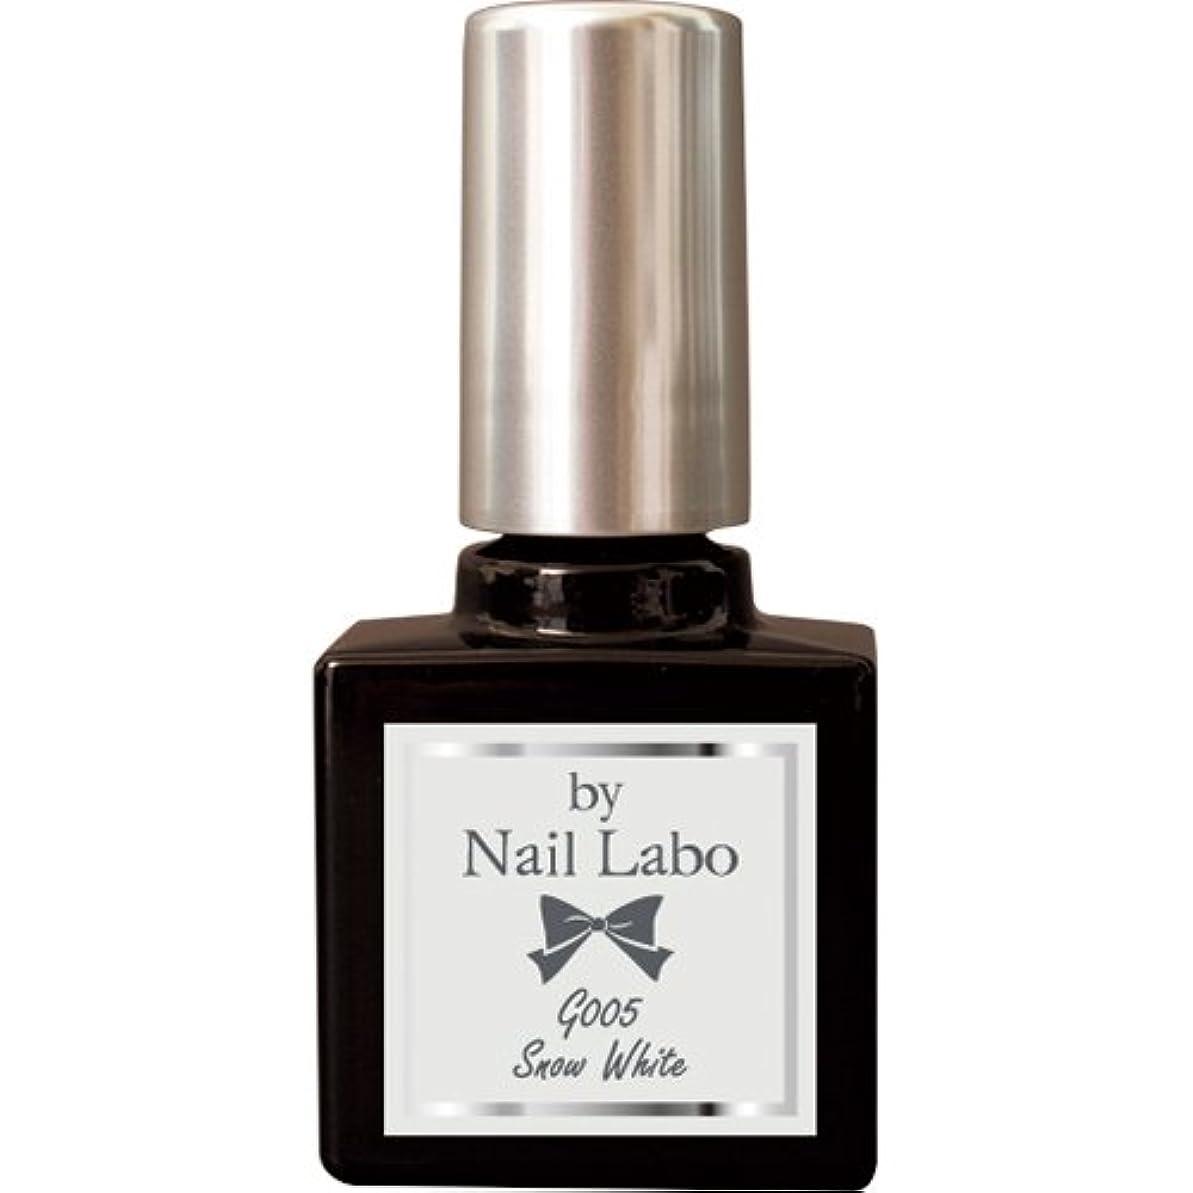 予知かもしれない逸脱by NailLabo ネイルラボ ジェルネイル カラージェル (G001~G013) (G005 スノーホワイト)